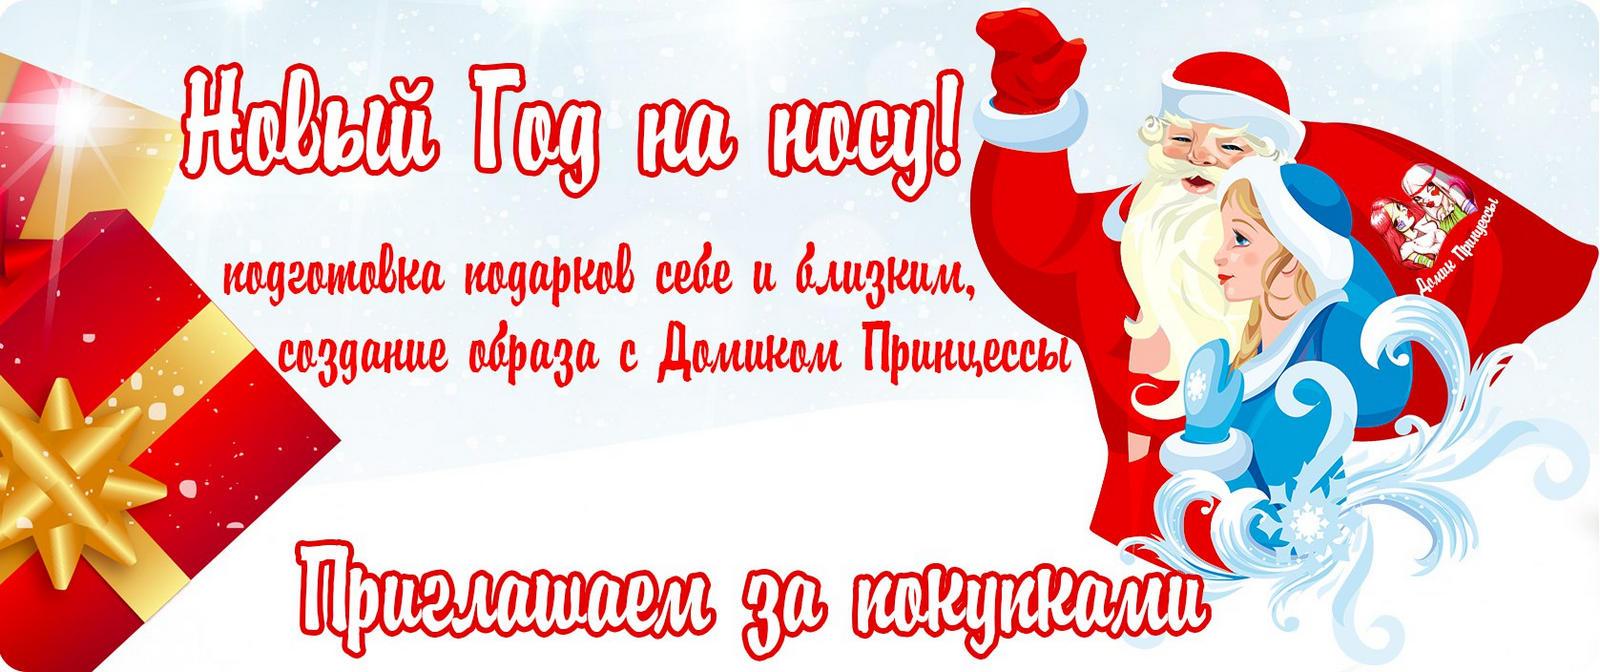 новогодние товары купить в магазине петербурга